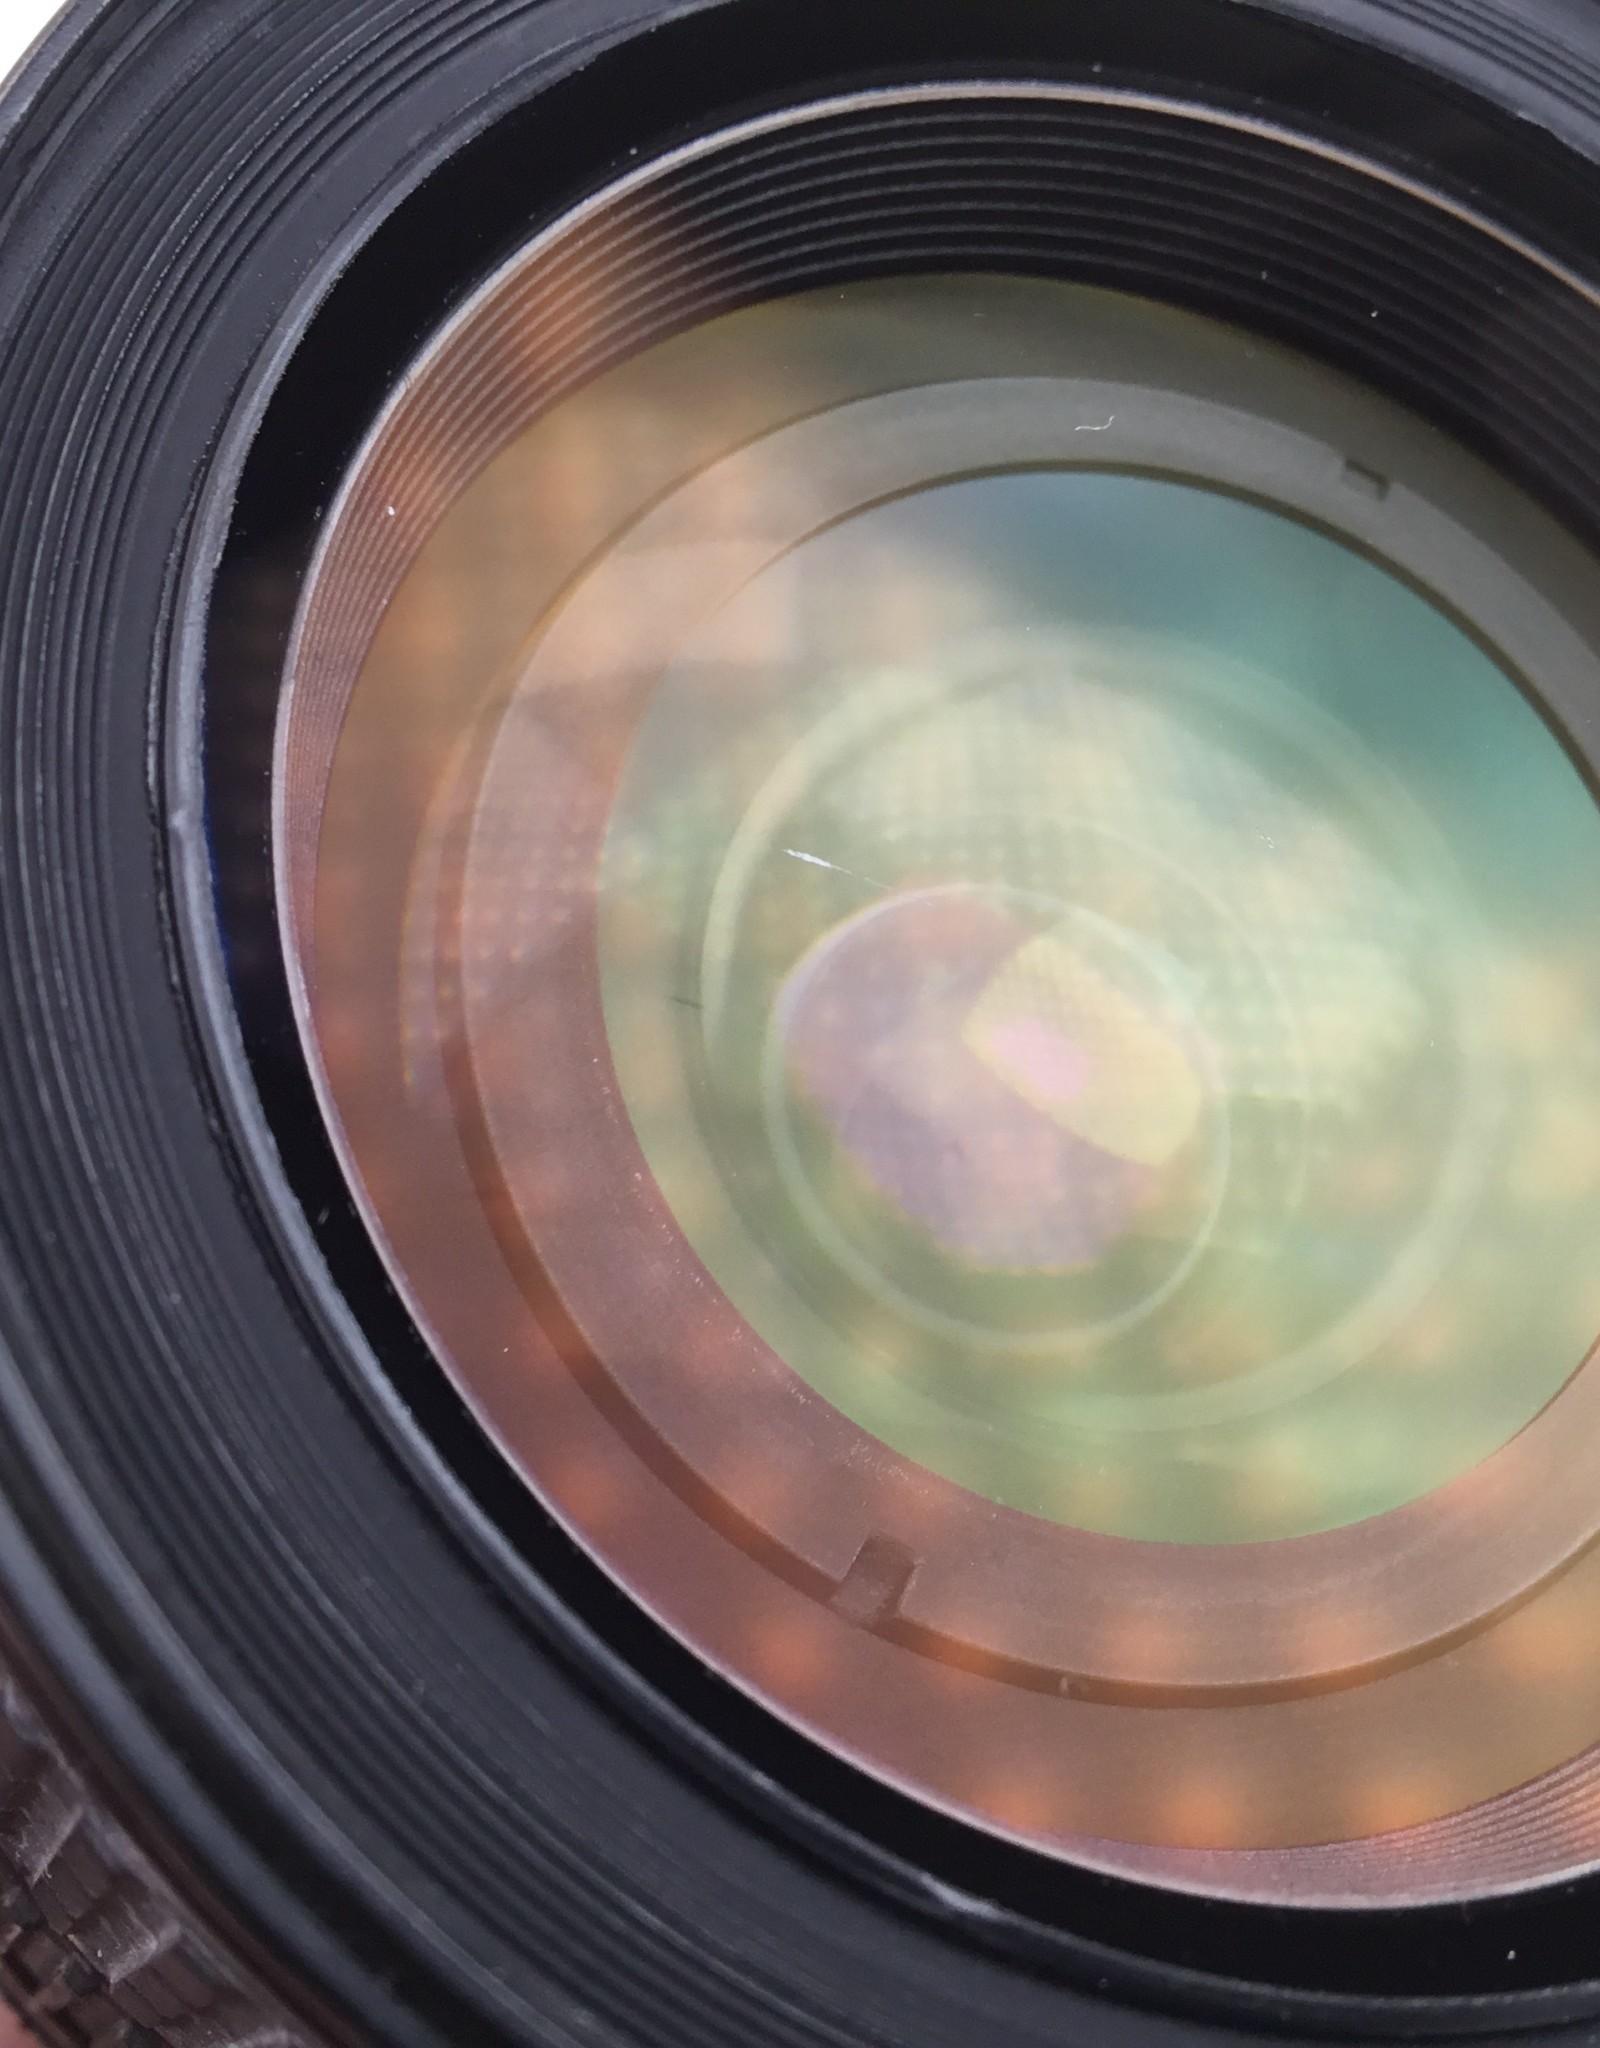 NIKON Nikon AF-S Nikkor 24-120mm f3.5-5.6 G ED Lens Used EX